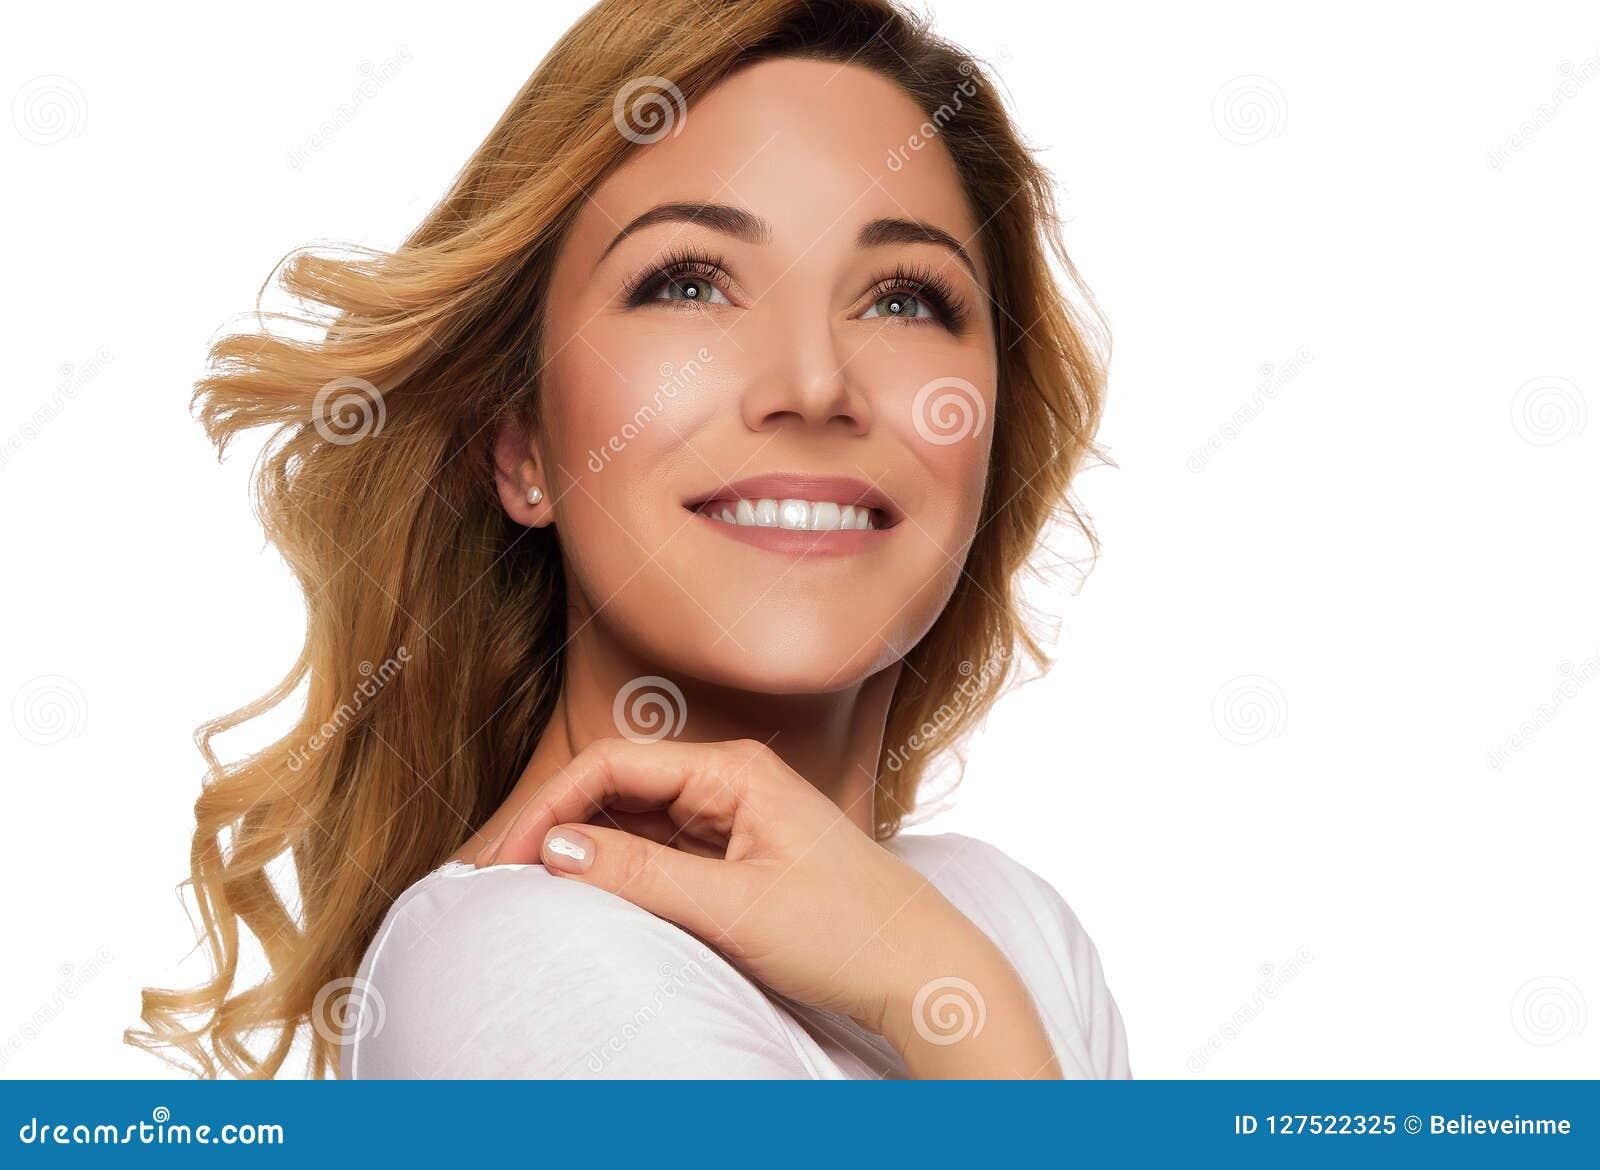 Ξανθή πρότυπη γυναίκα τρίχας Θηλυκό πορτρέτο όμορφες νεολαίες γυναικών στούντιο ζευγών χορεύοντας καλυμμένες